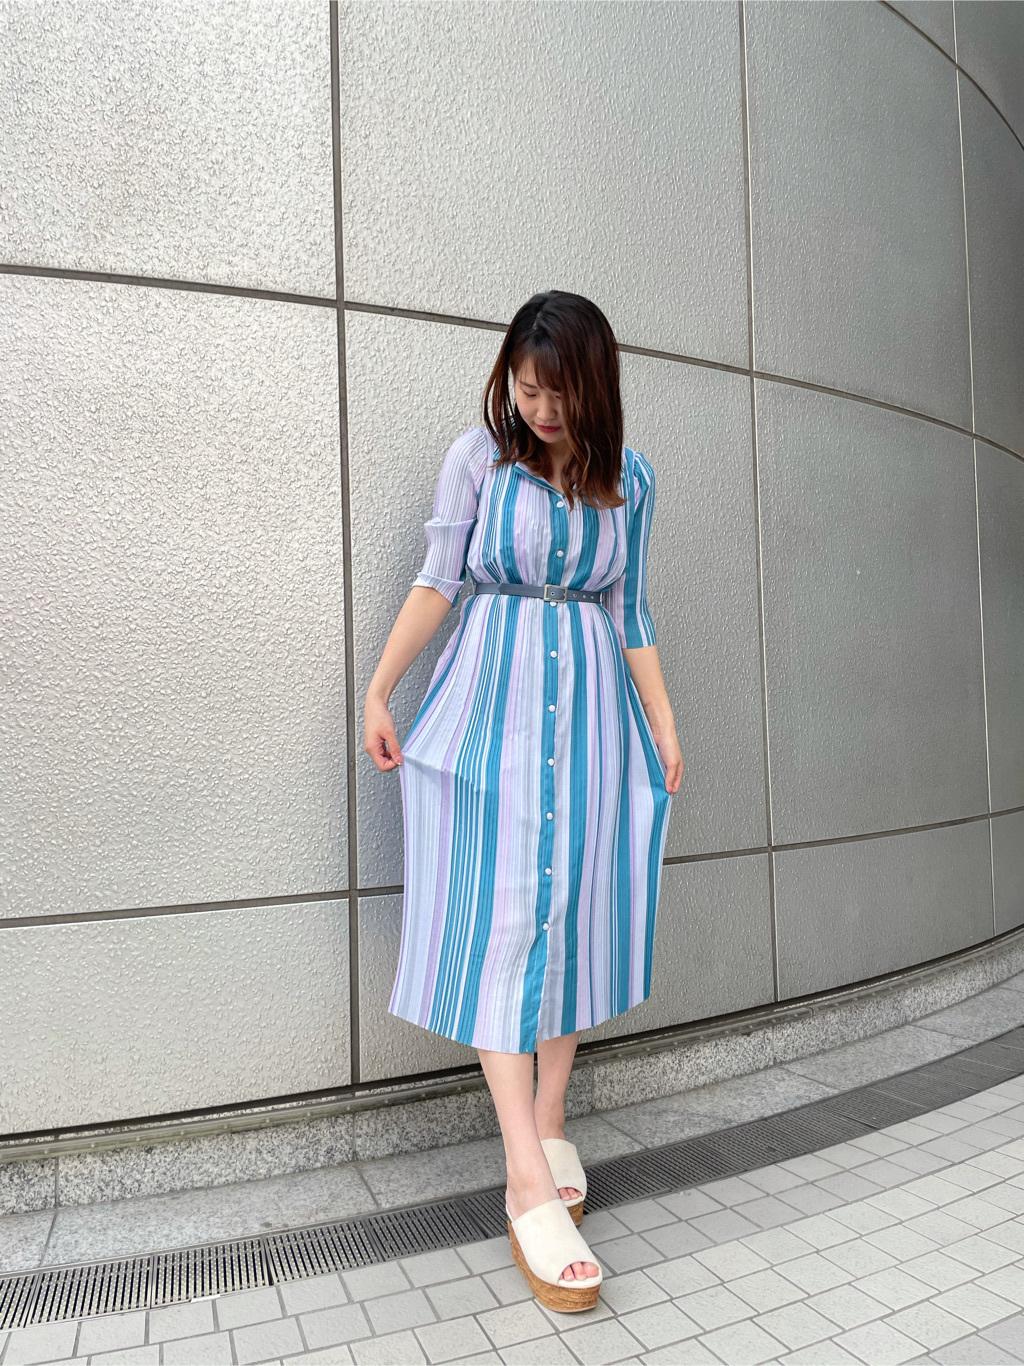 渡邊紗妃(165㎝)